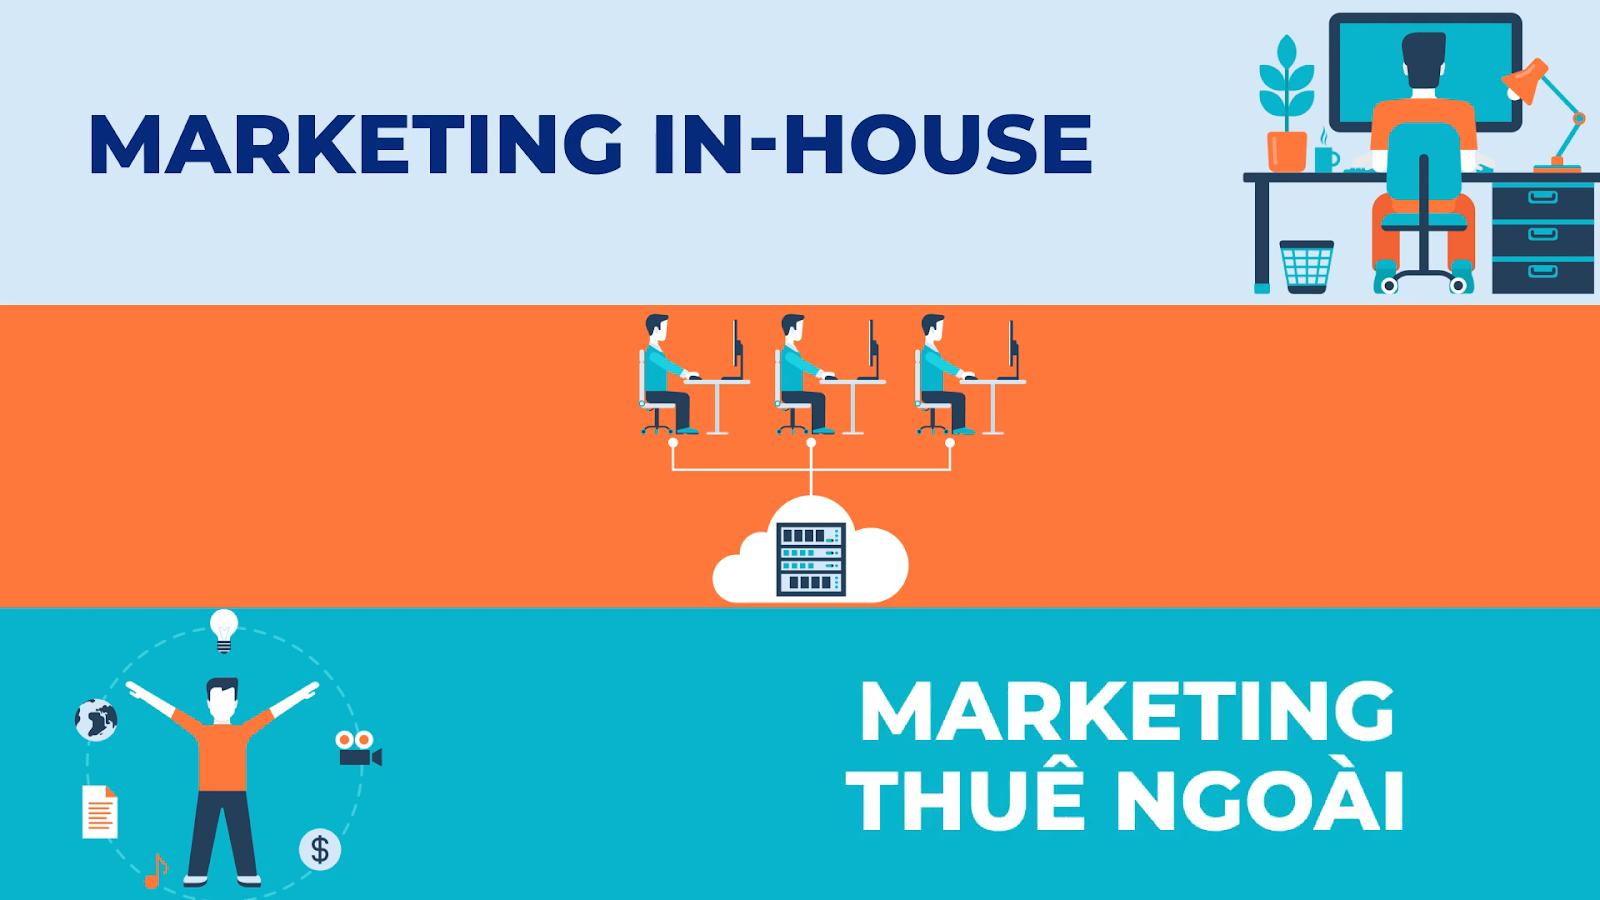 ca-hai-hinh-thuc-marketing-in-house-va-thue-ngoai-deu-co-nhung-uu-nhuoc-diem-rieng